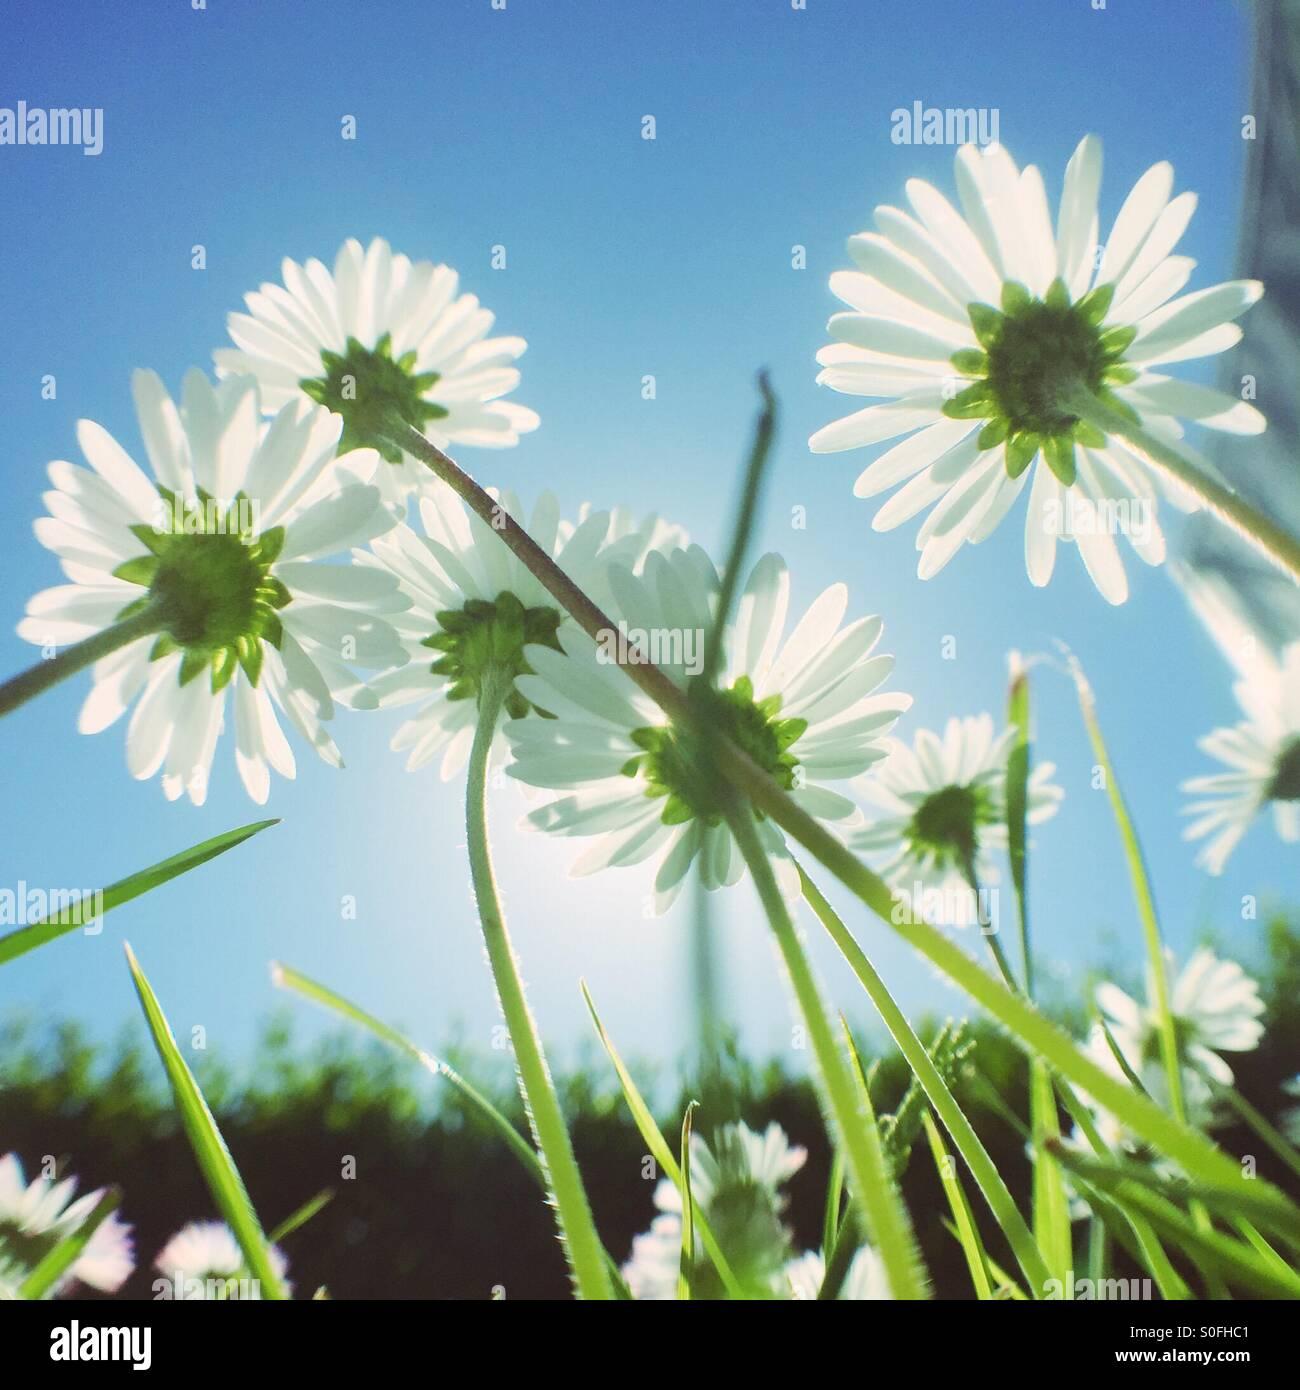 Daisy Blumen wachsen Stockbild